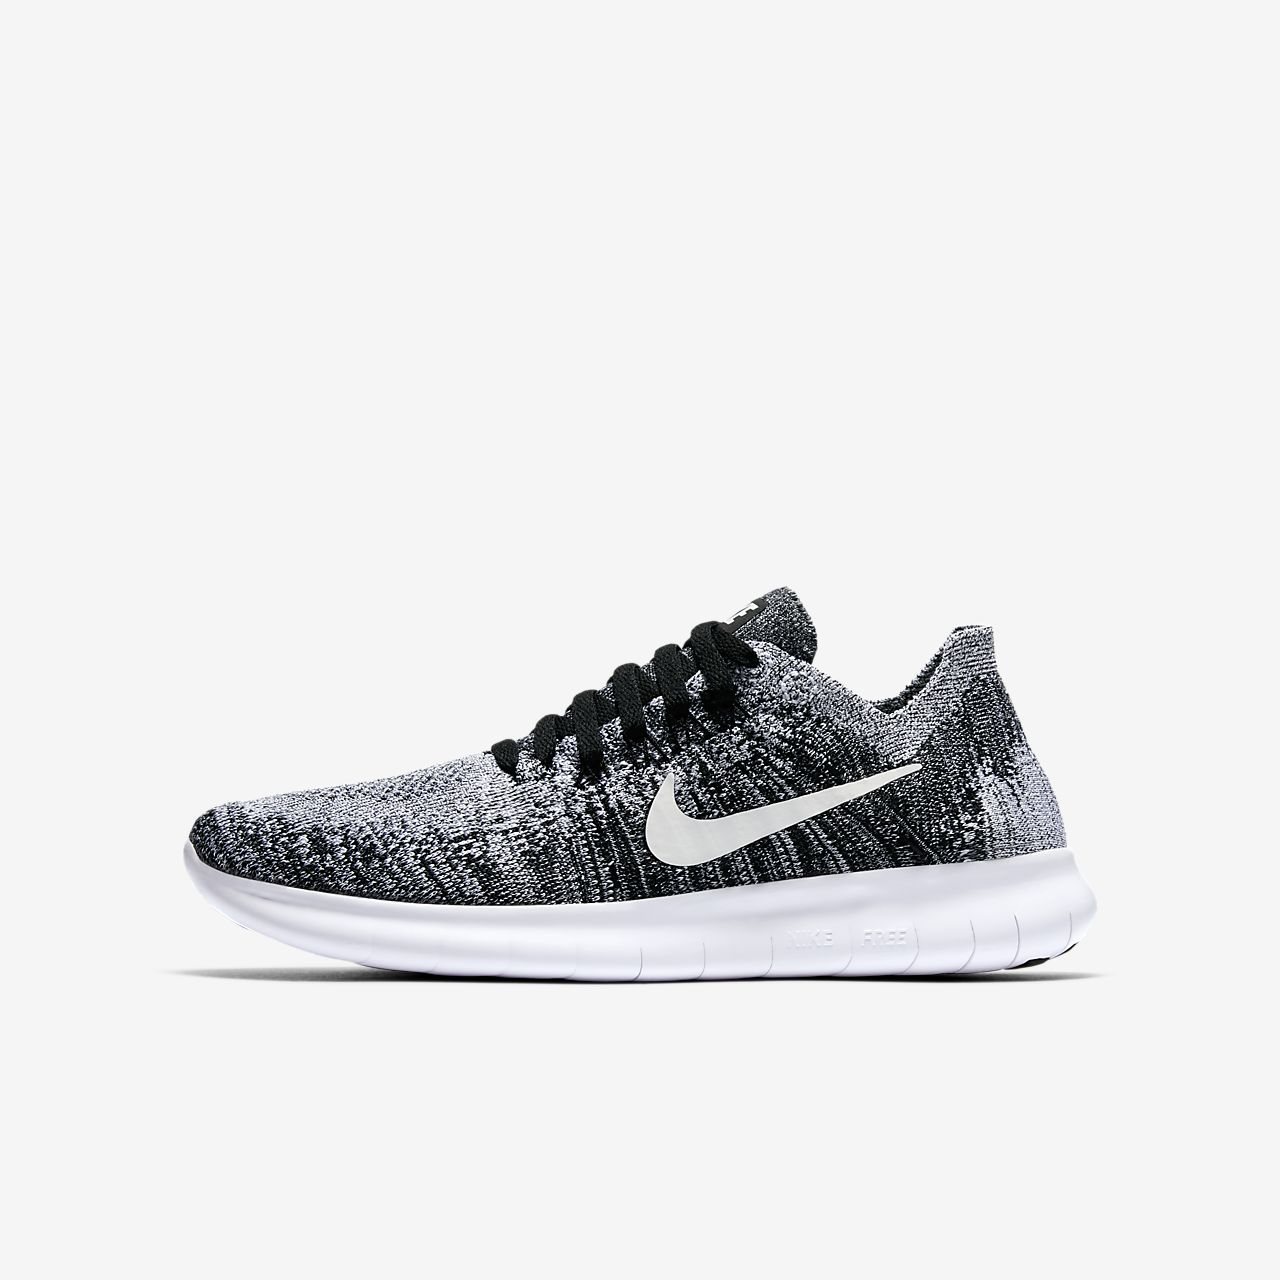 Nike Free RN 2017 Herren Schuhe Damen Turnschuhe Laufschuh Sneaker Schwarz Uni